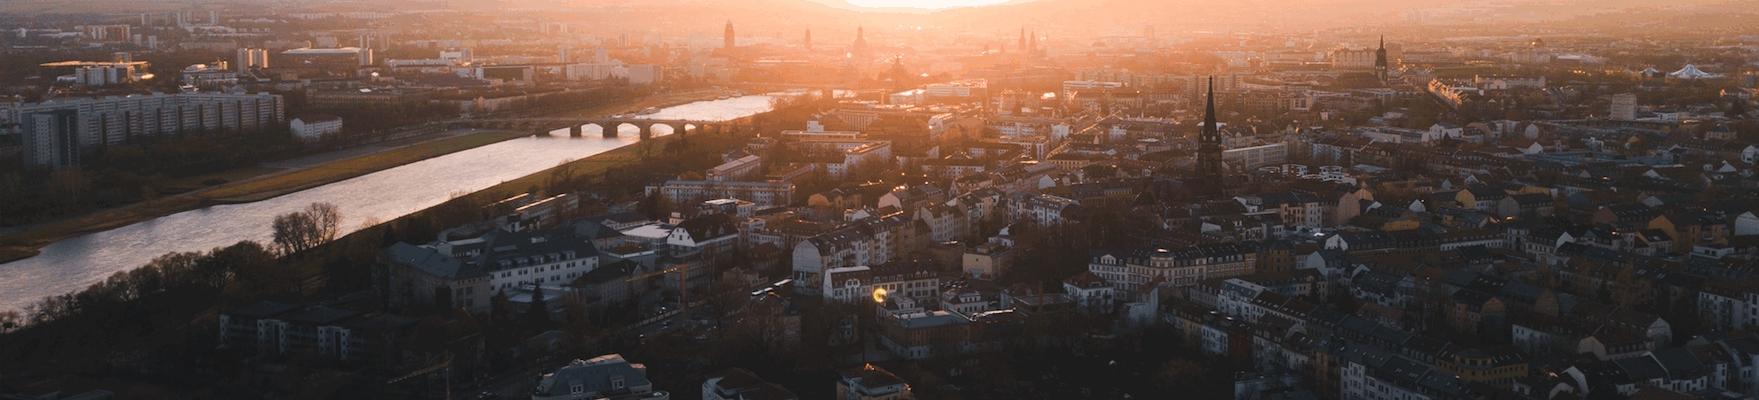 Lustige Stadtrundfahrt in sächischer Mundart Dresden 14.9.